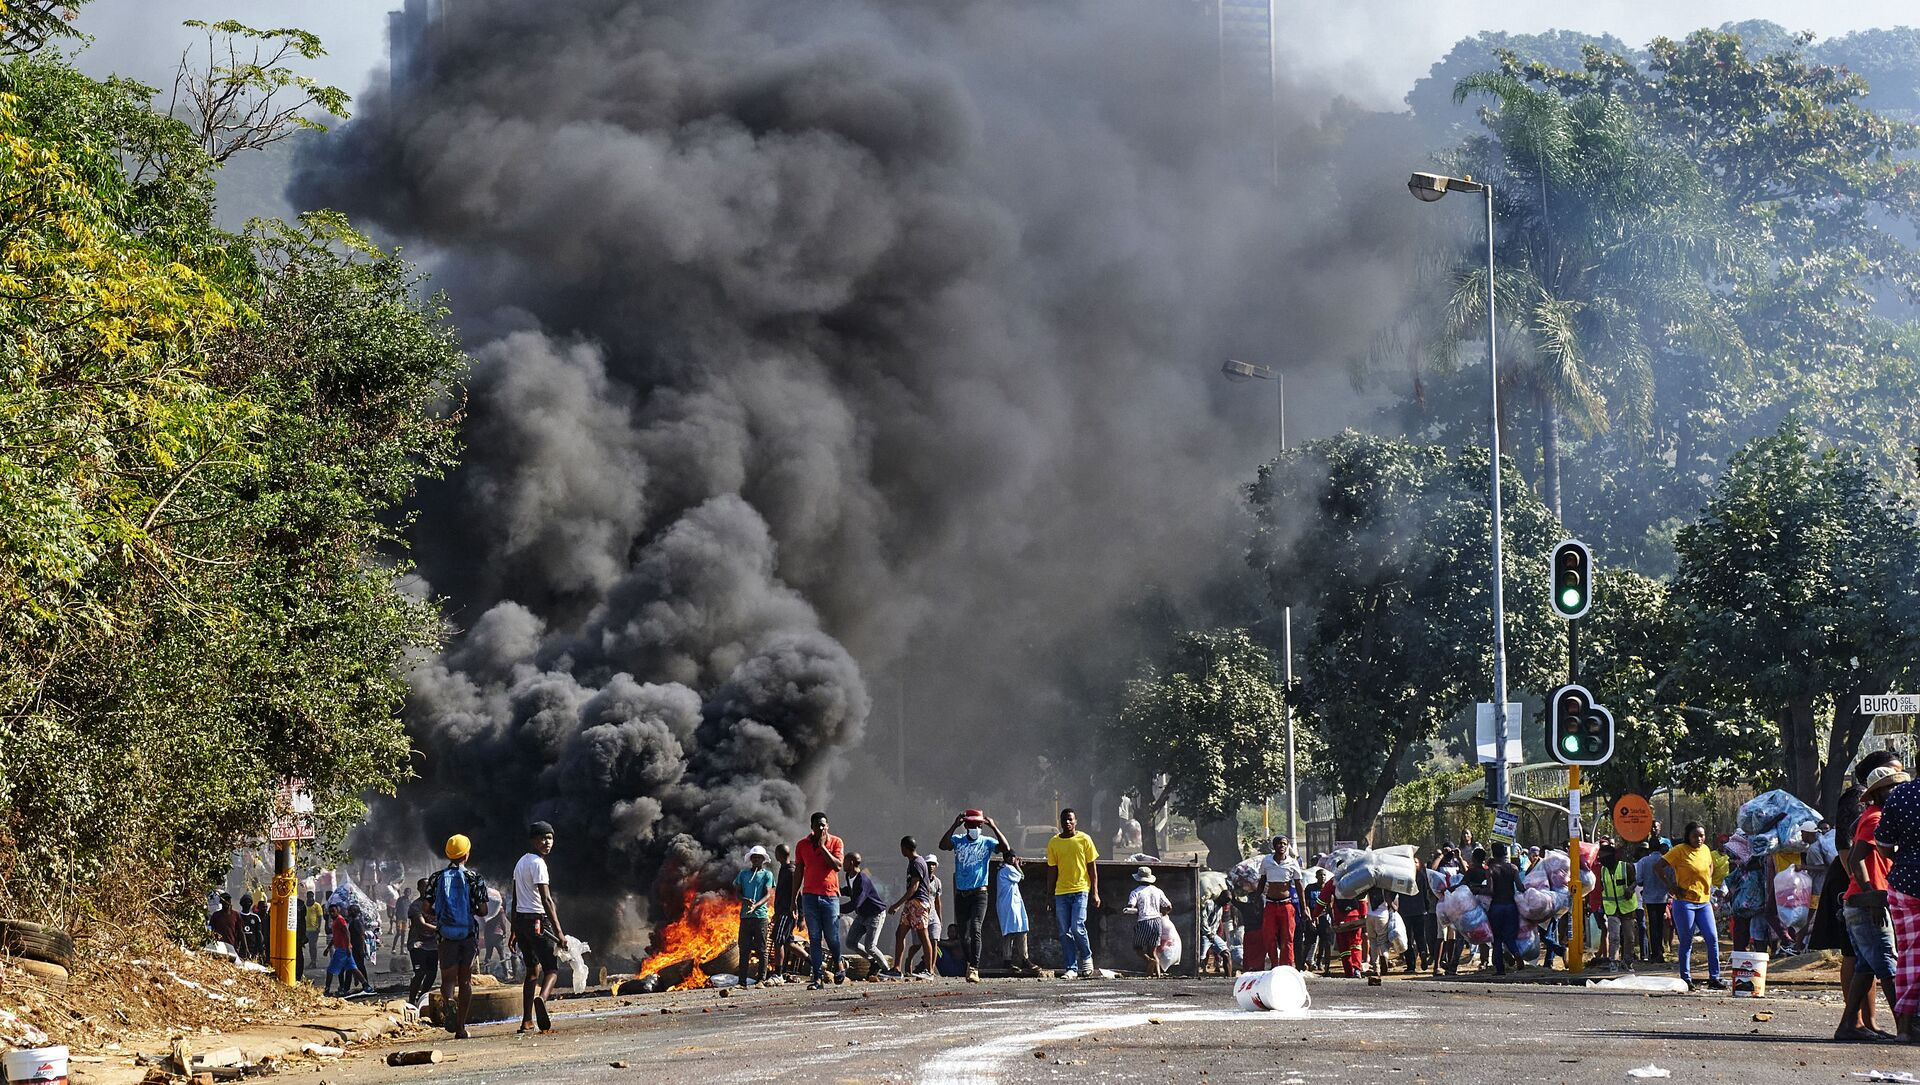 Les émeutes et les violences. Durban. Afrique du Sud. - Sputnik France, 1920, 23.07.2021